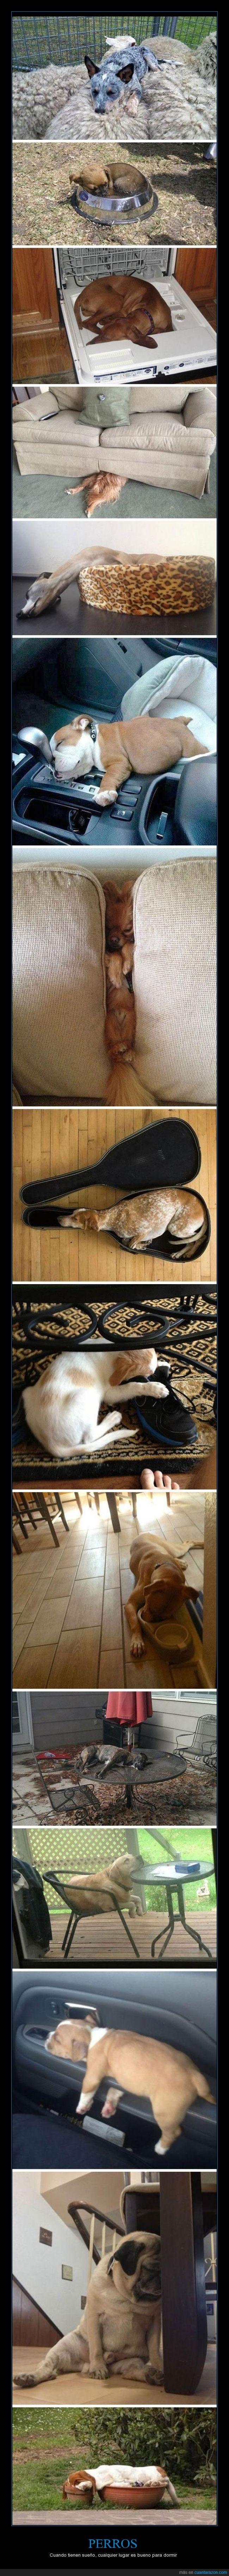 dormir,extraño,perro,posición,sueño